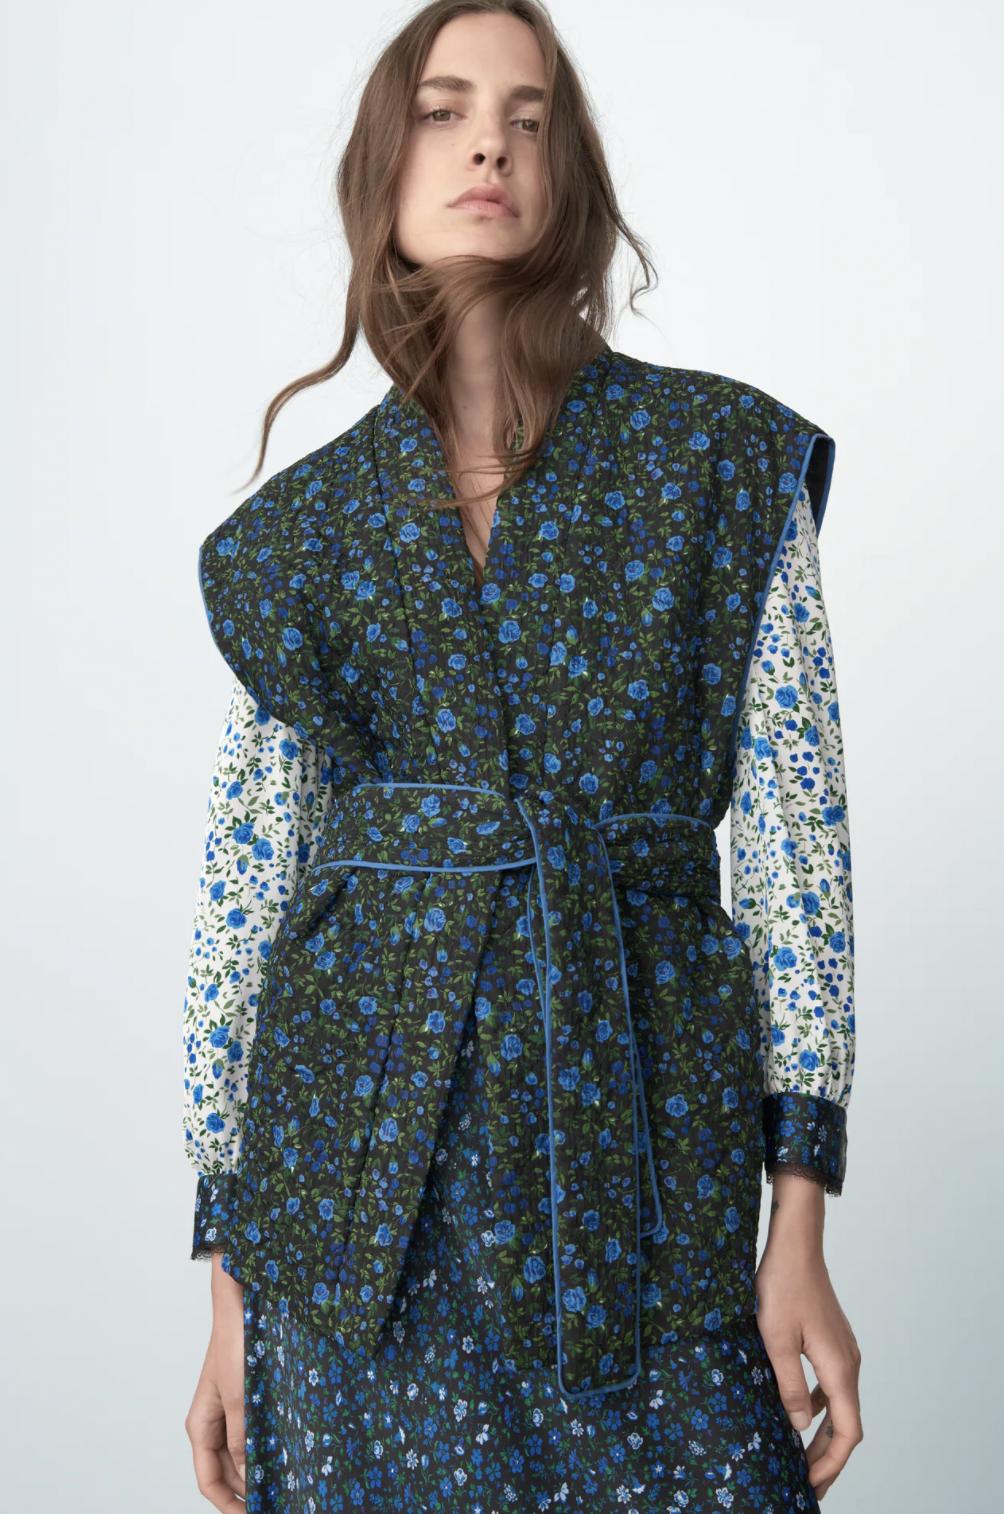 Coordinar estampados dentro de un mismo look, una de las claves de estilismo del otoño